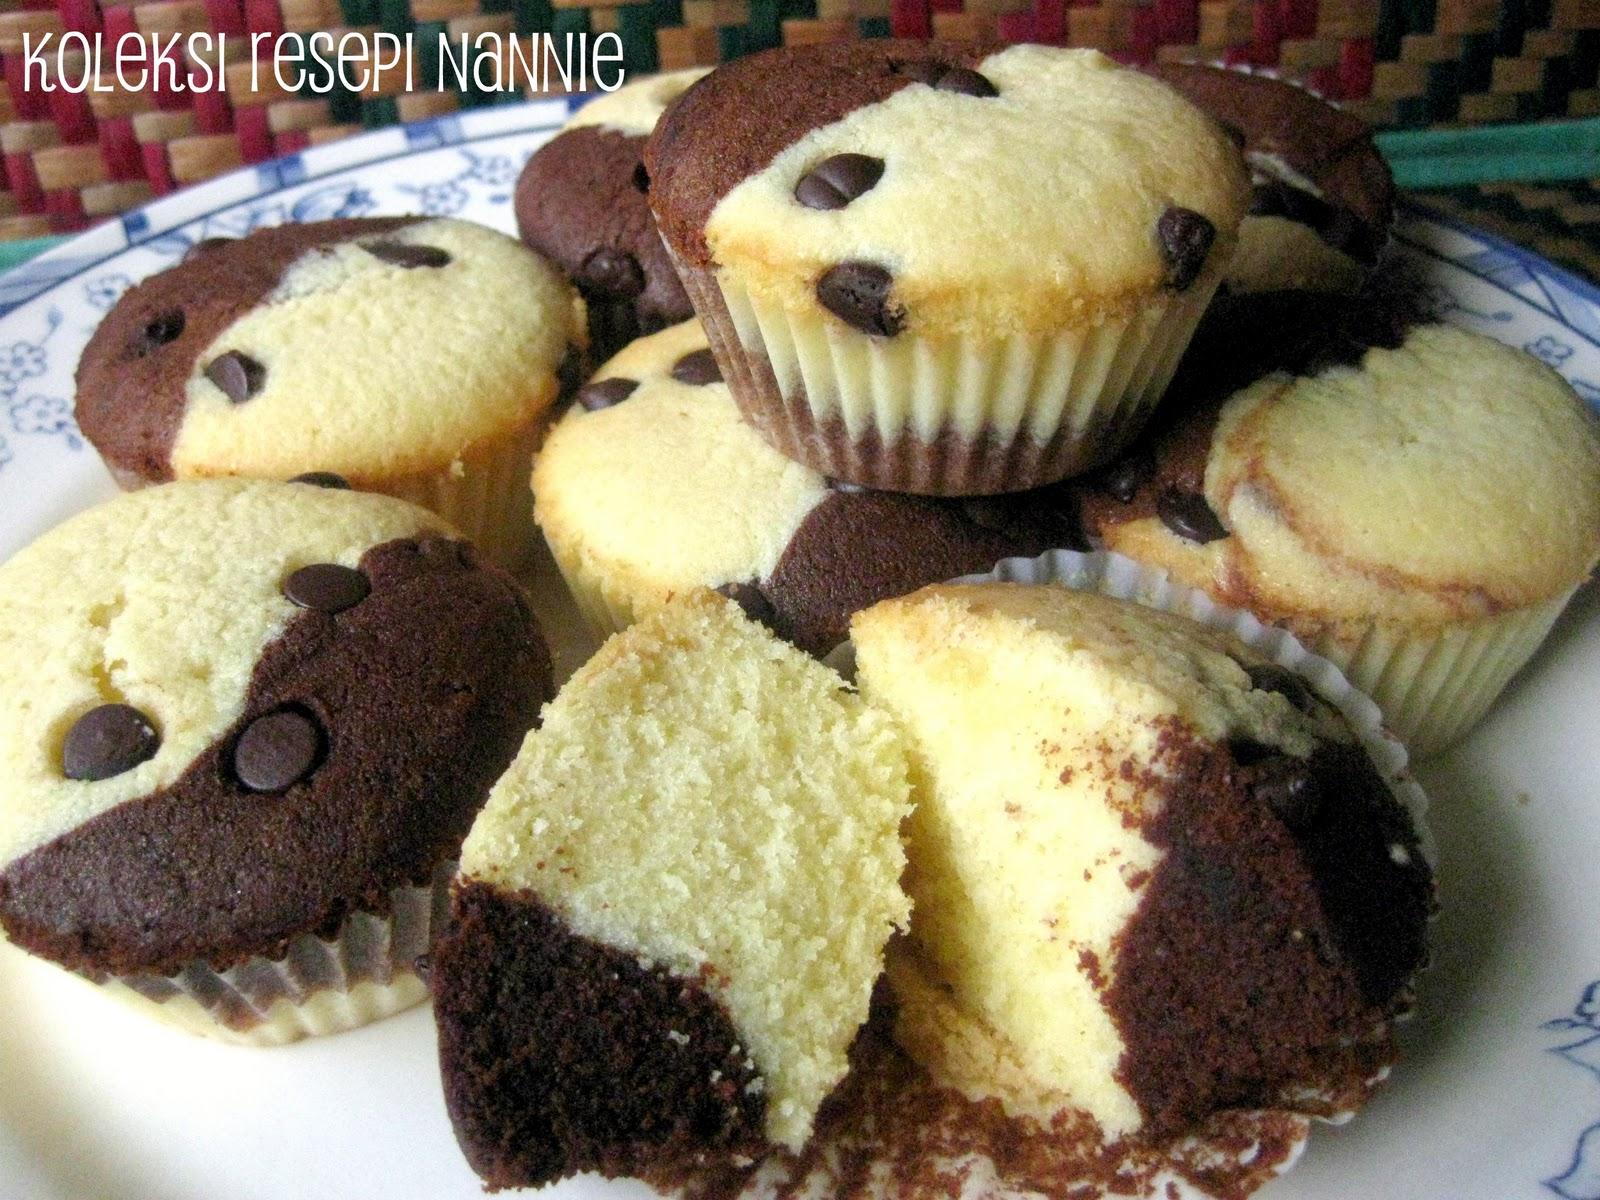 Resepi cupcake mudah resepi nennie khuzaifah kek butter utk minum